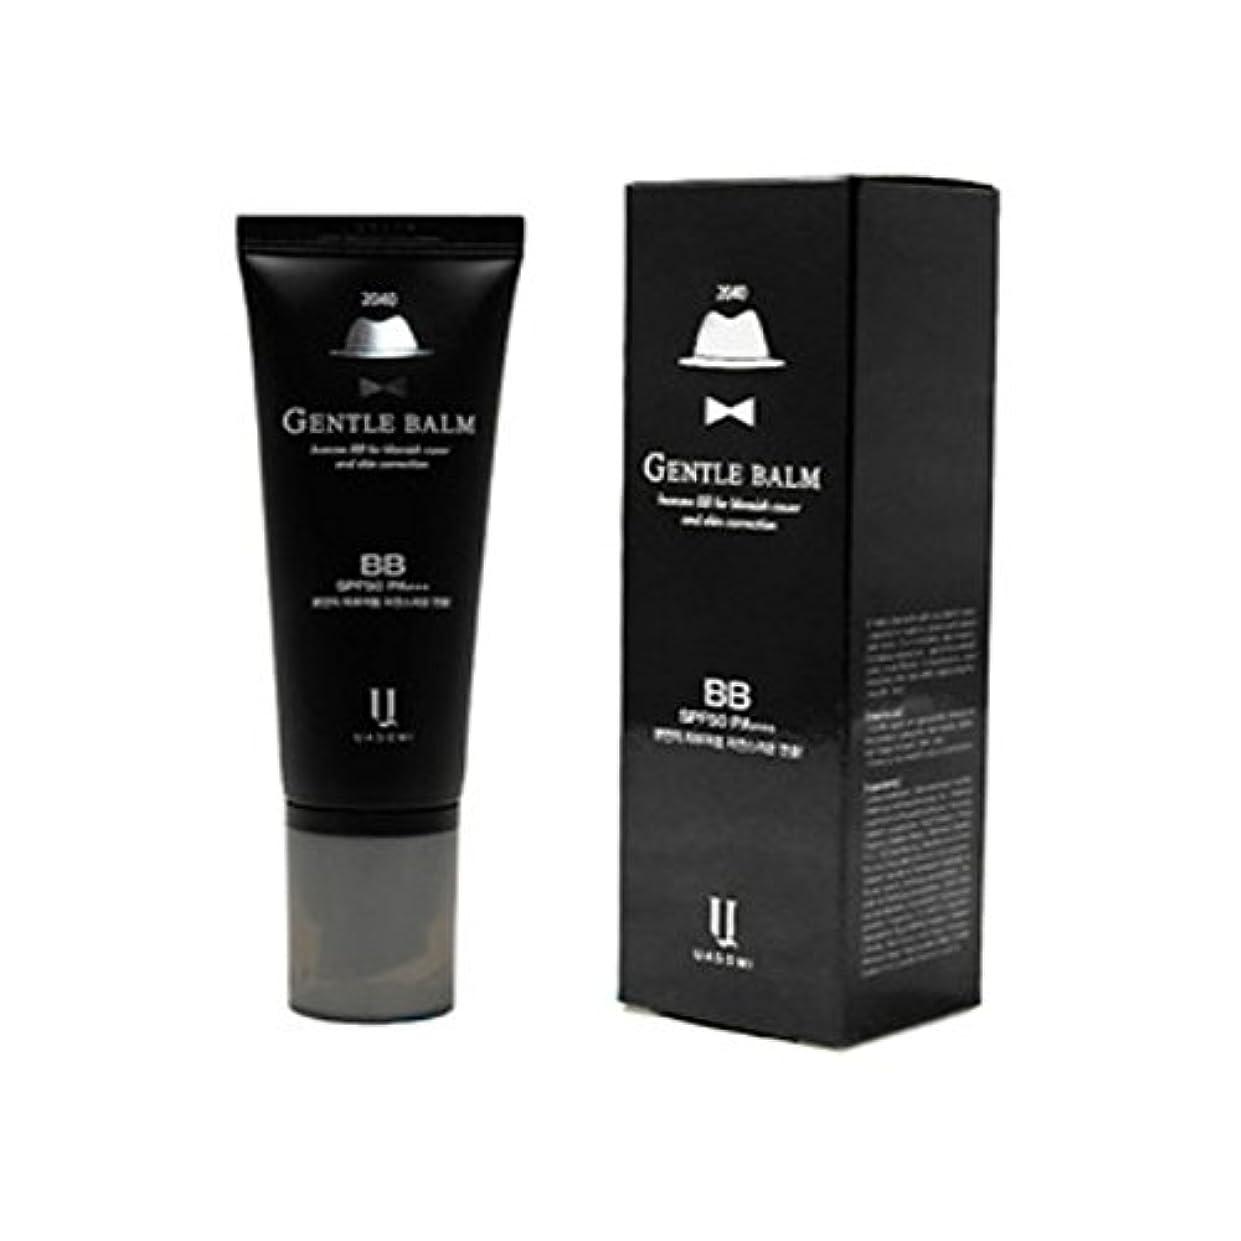 処理する世辞将来の(男 BB クリーム 韓国 日焼け止め) homme 2040 BB for blemish cover and skin correction korea beauty Gentle bam SFP50 PA+++